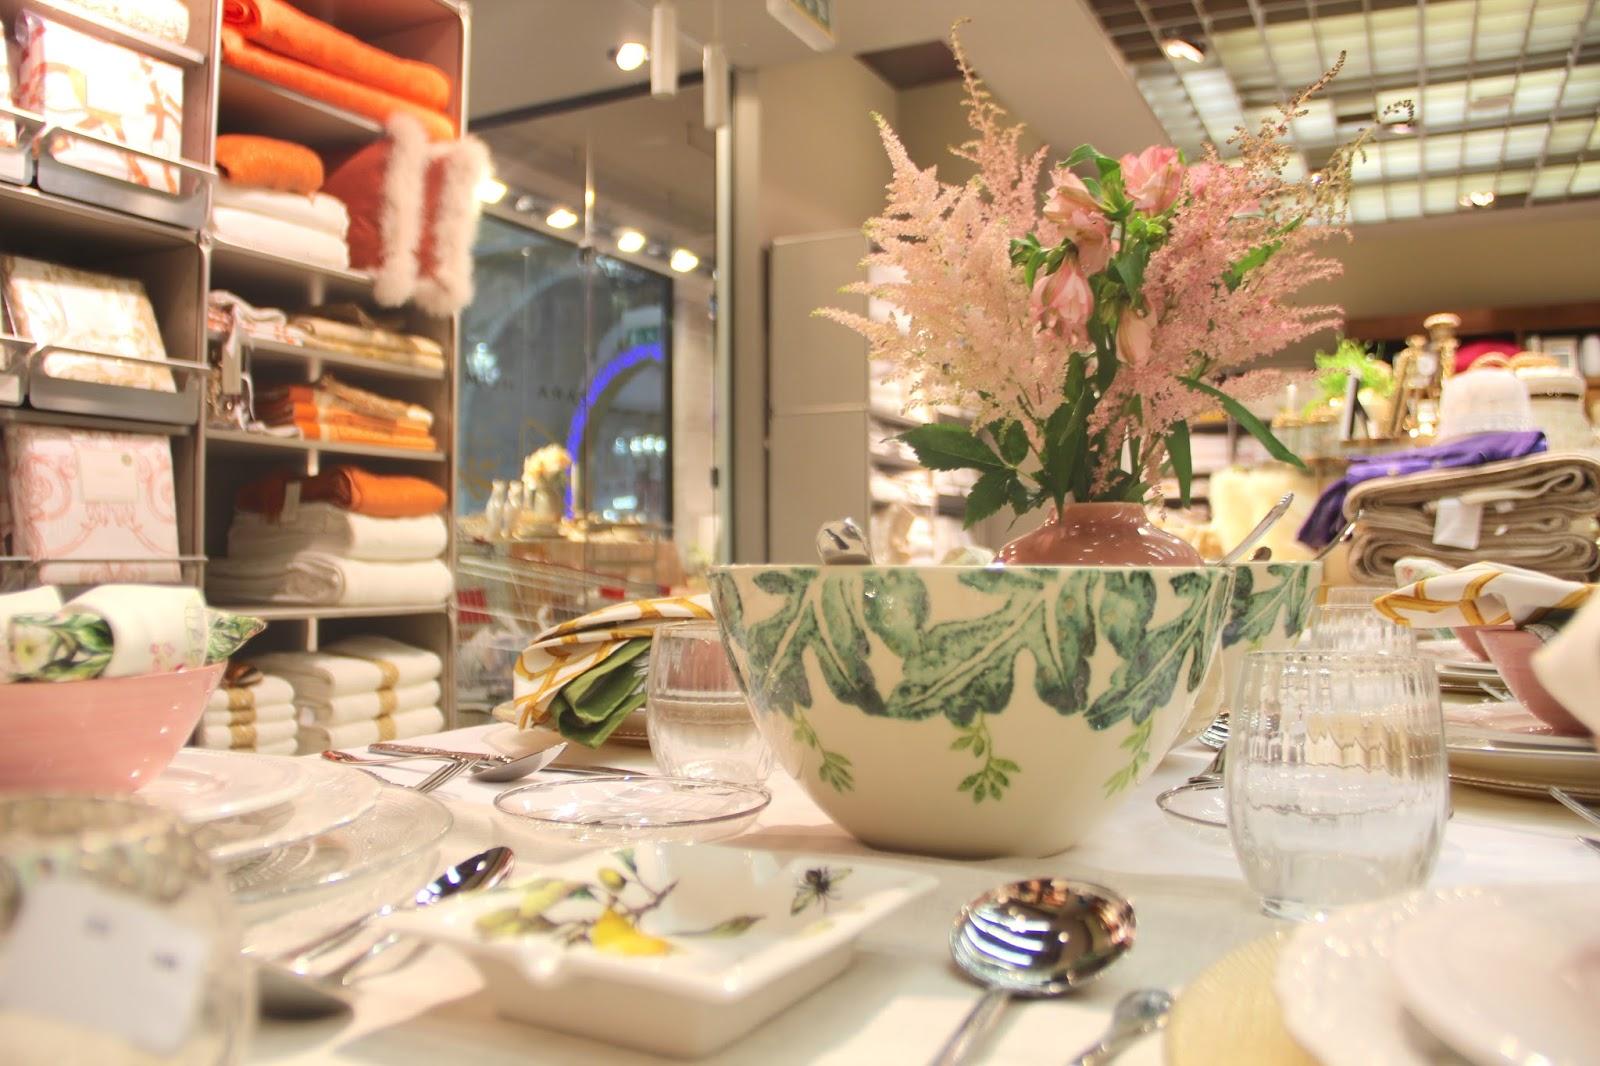 Zara home interior design - White Table Cloth 399 Qar Table Runners 195 Qar Each Yellow Tinted Clear Under Plate 95 Qar Each Beige Ornamented Dinner Dish 30 Qar Each